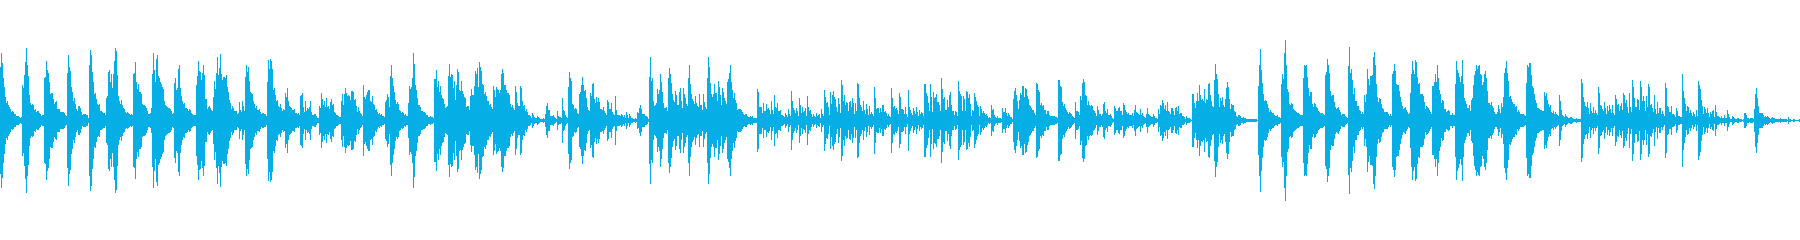 涼しげなピアノトラックの再生済みの波形